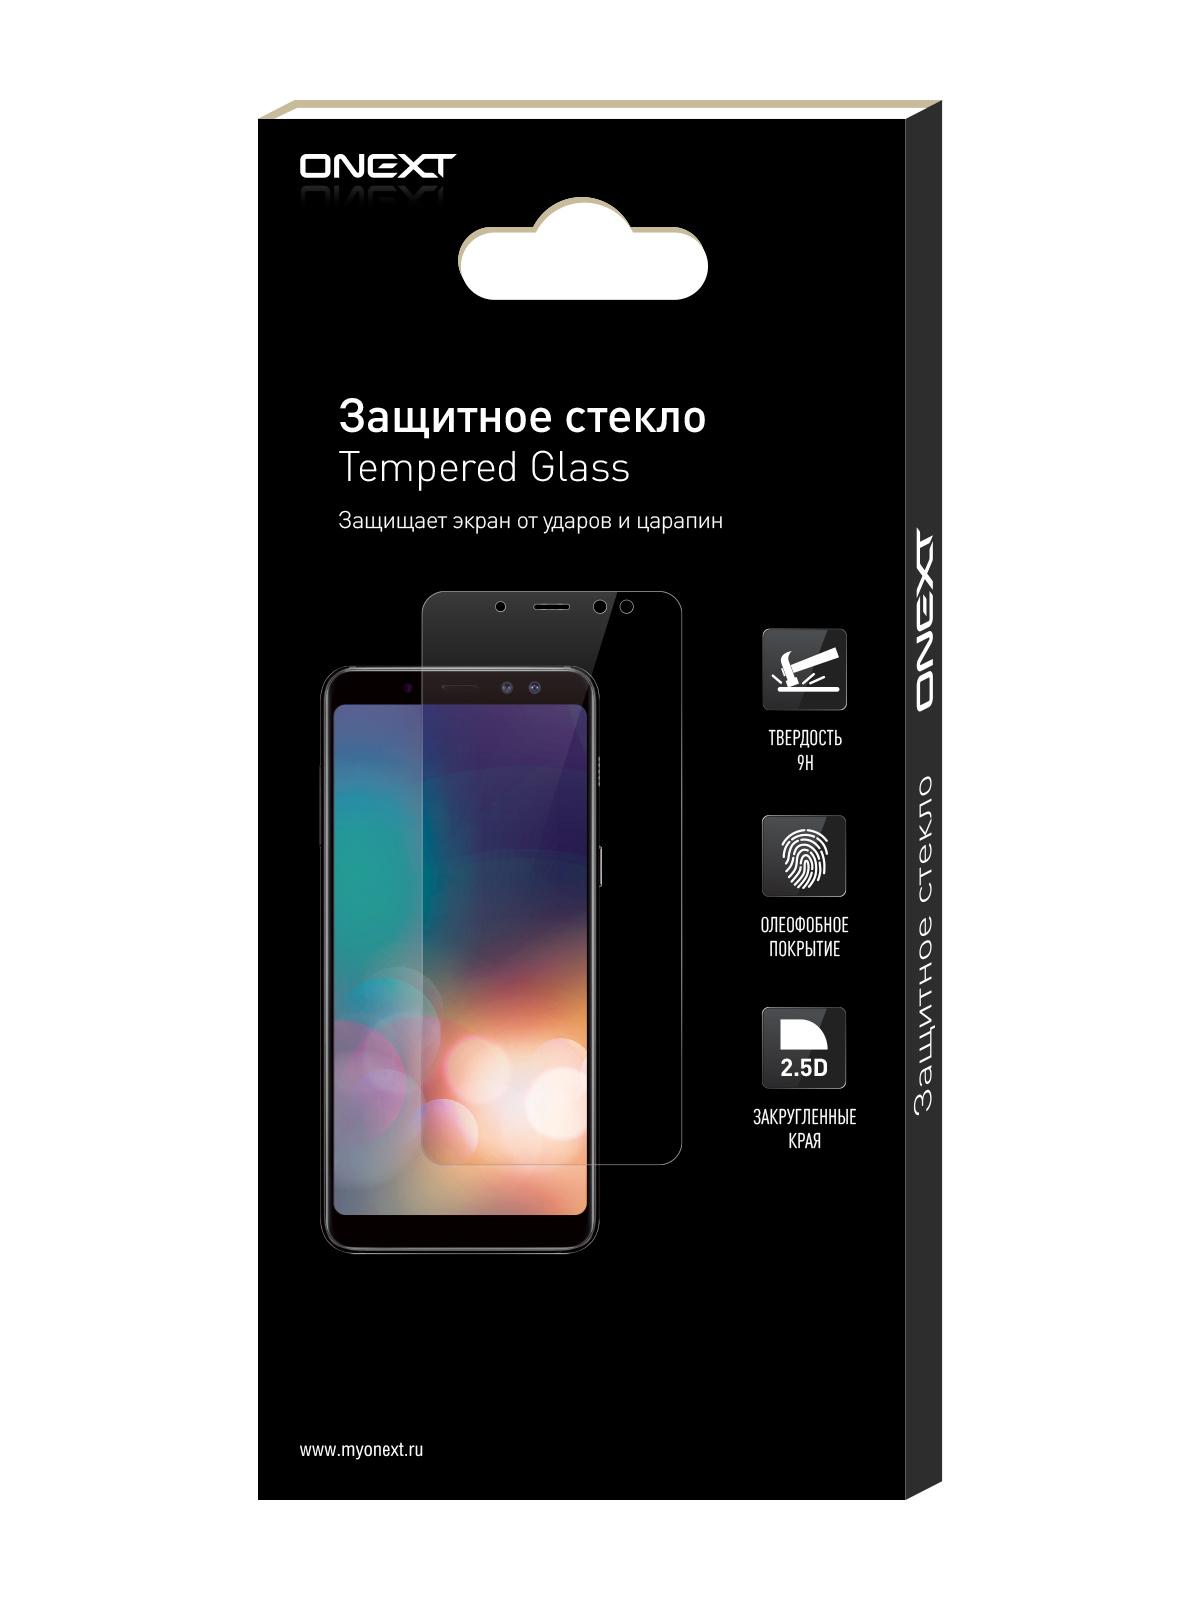 Защитное стекло ONEXT для Xiaomi Mi 8 Pro